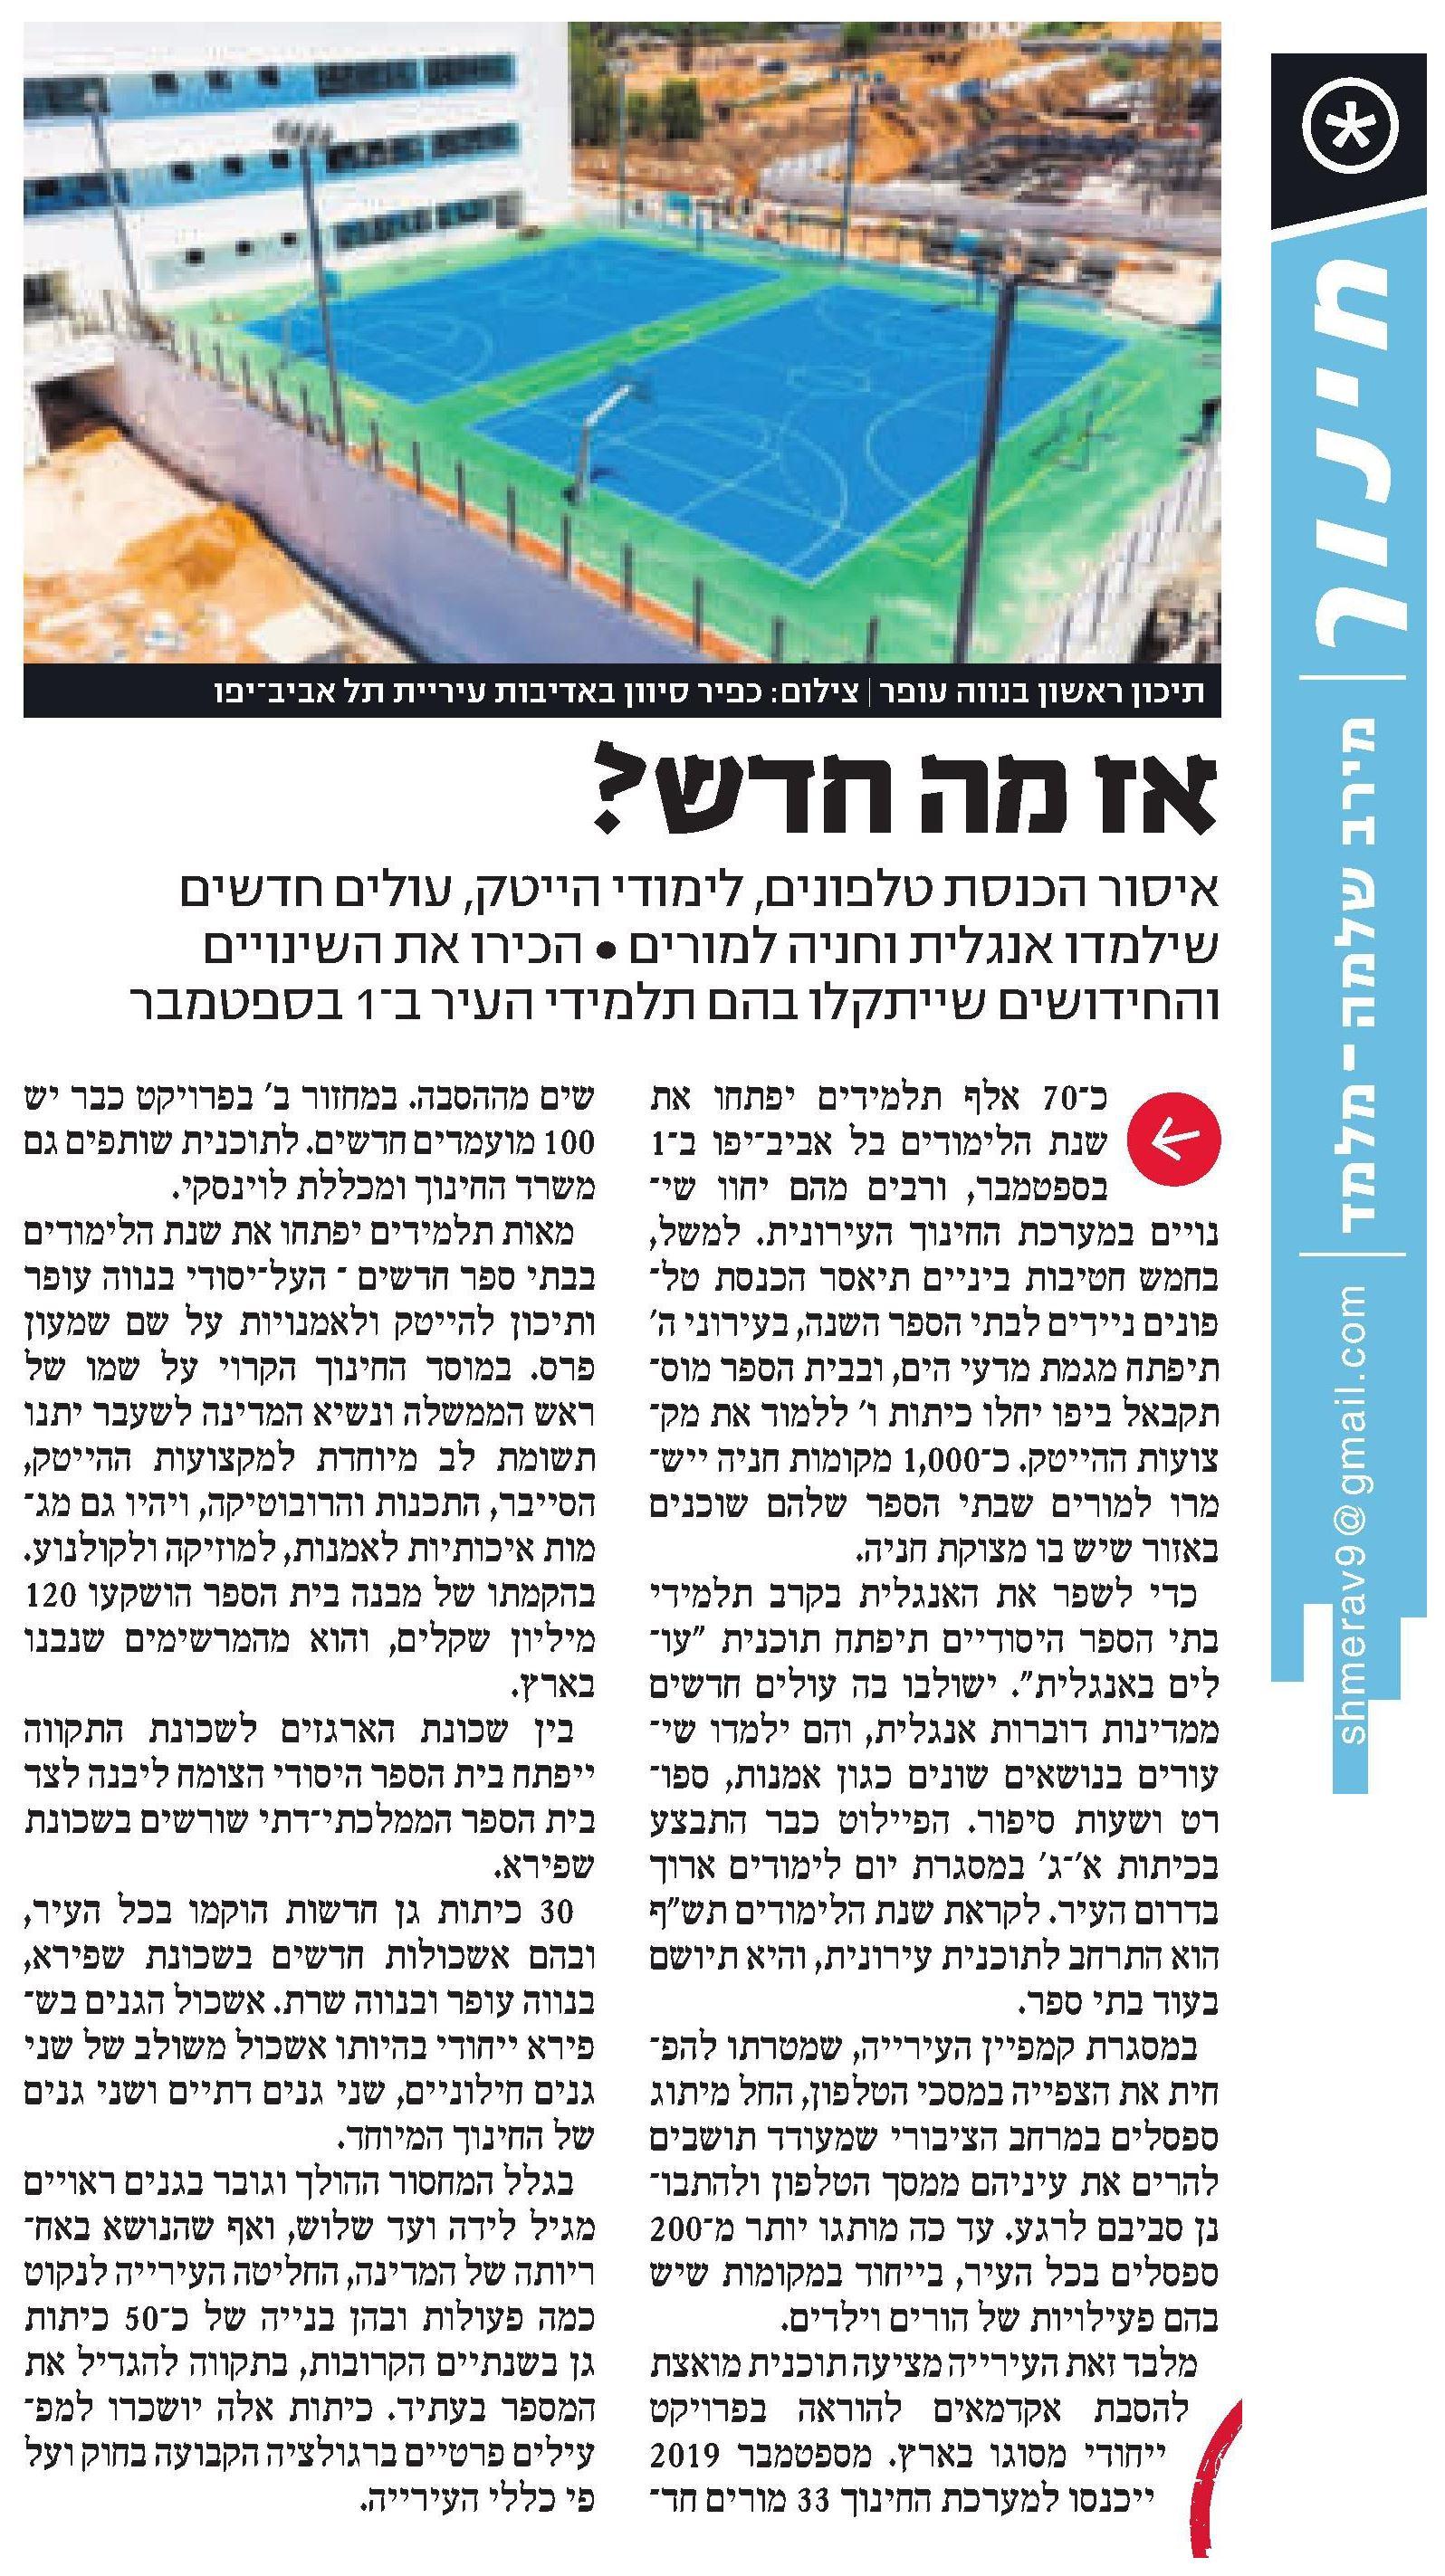 כתבה על הנעשה במערכת החינוך בתל אביב